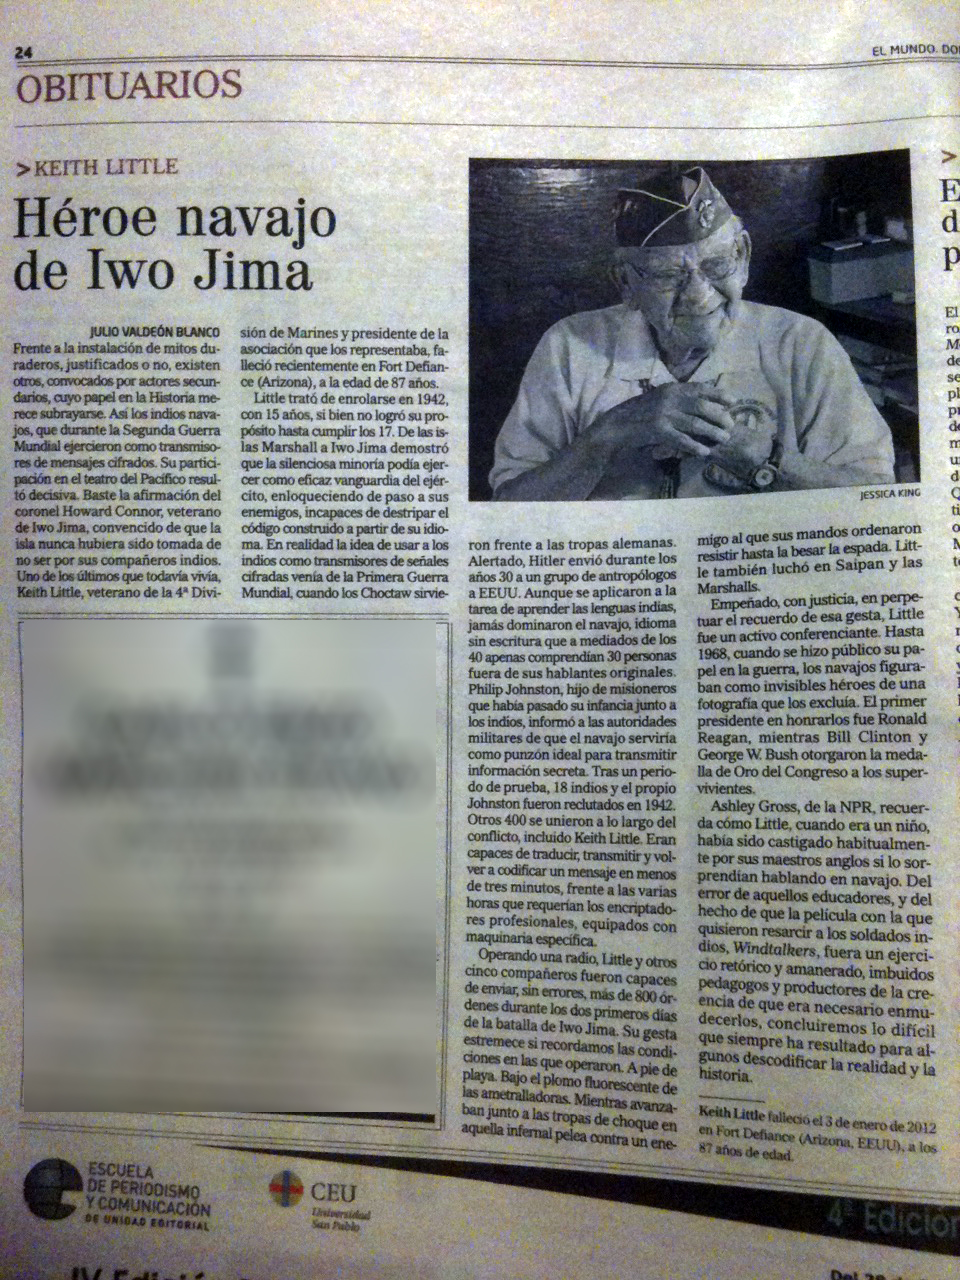 Obituario de El héroe navajo de Iwo Jima, célebre personaje histórico en la comunidad Navajo